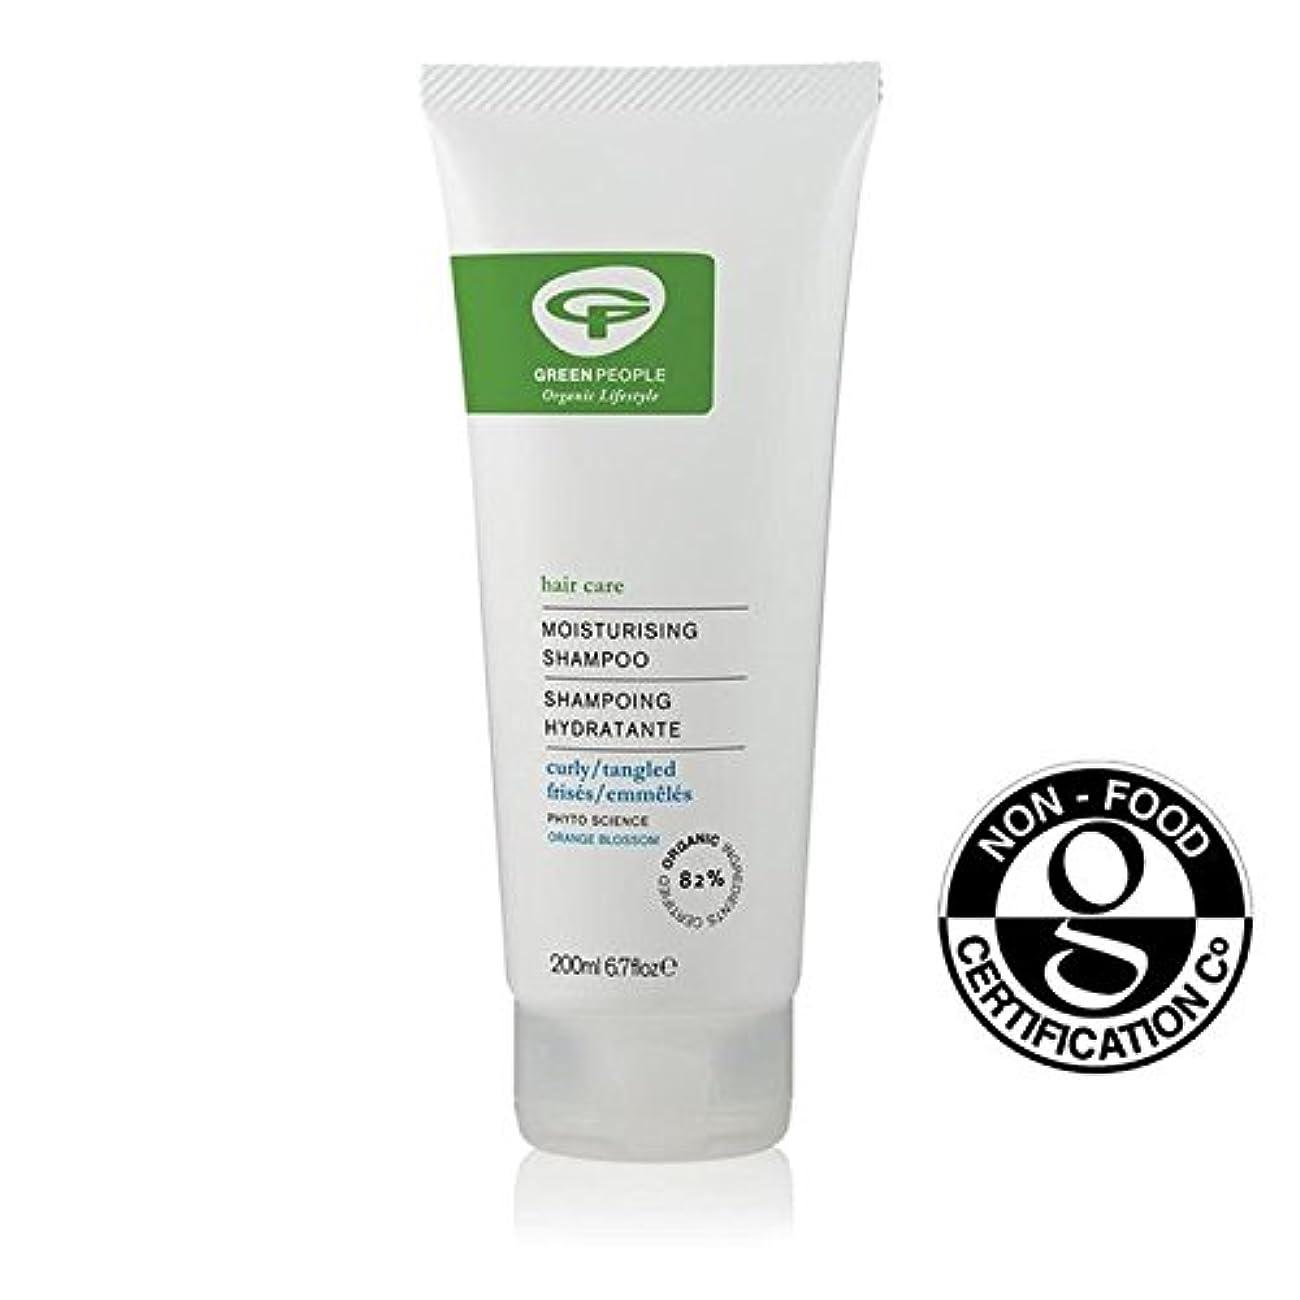 バスタブテーブルを設定するコントローラ緑の人々の有機保湿シャンプー200ミリリットル x4 - Green People Organic Moisturising Shampoo 200ml (Pack of 4) [並行輸入品]